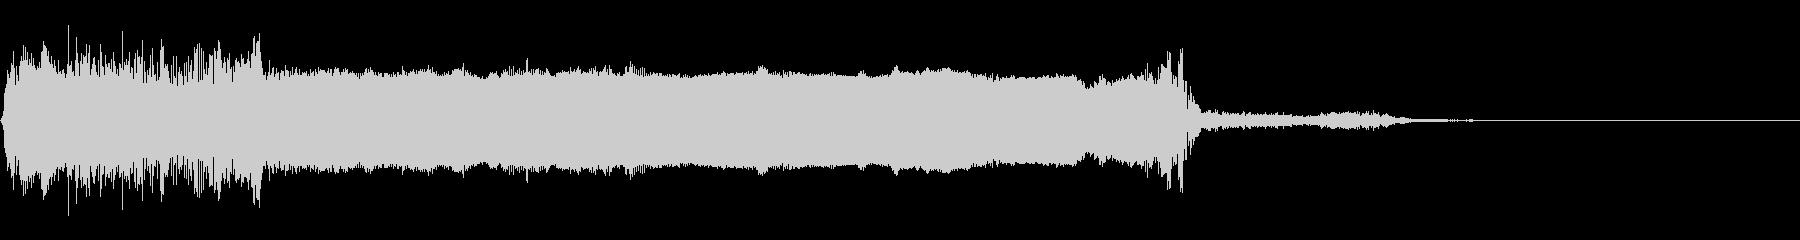 歪んだロックバンパー2の未再生の波形